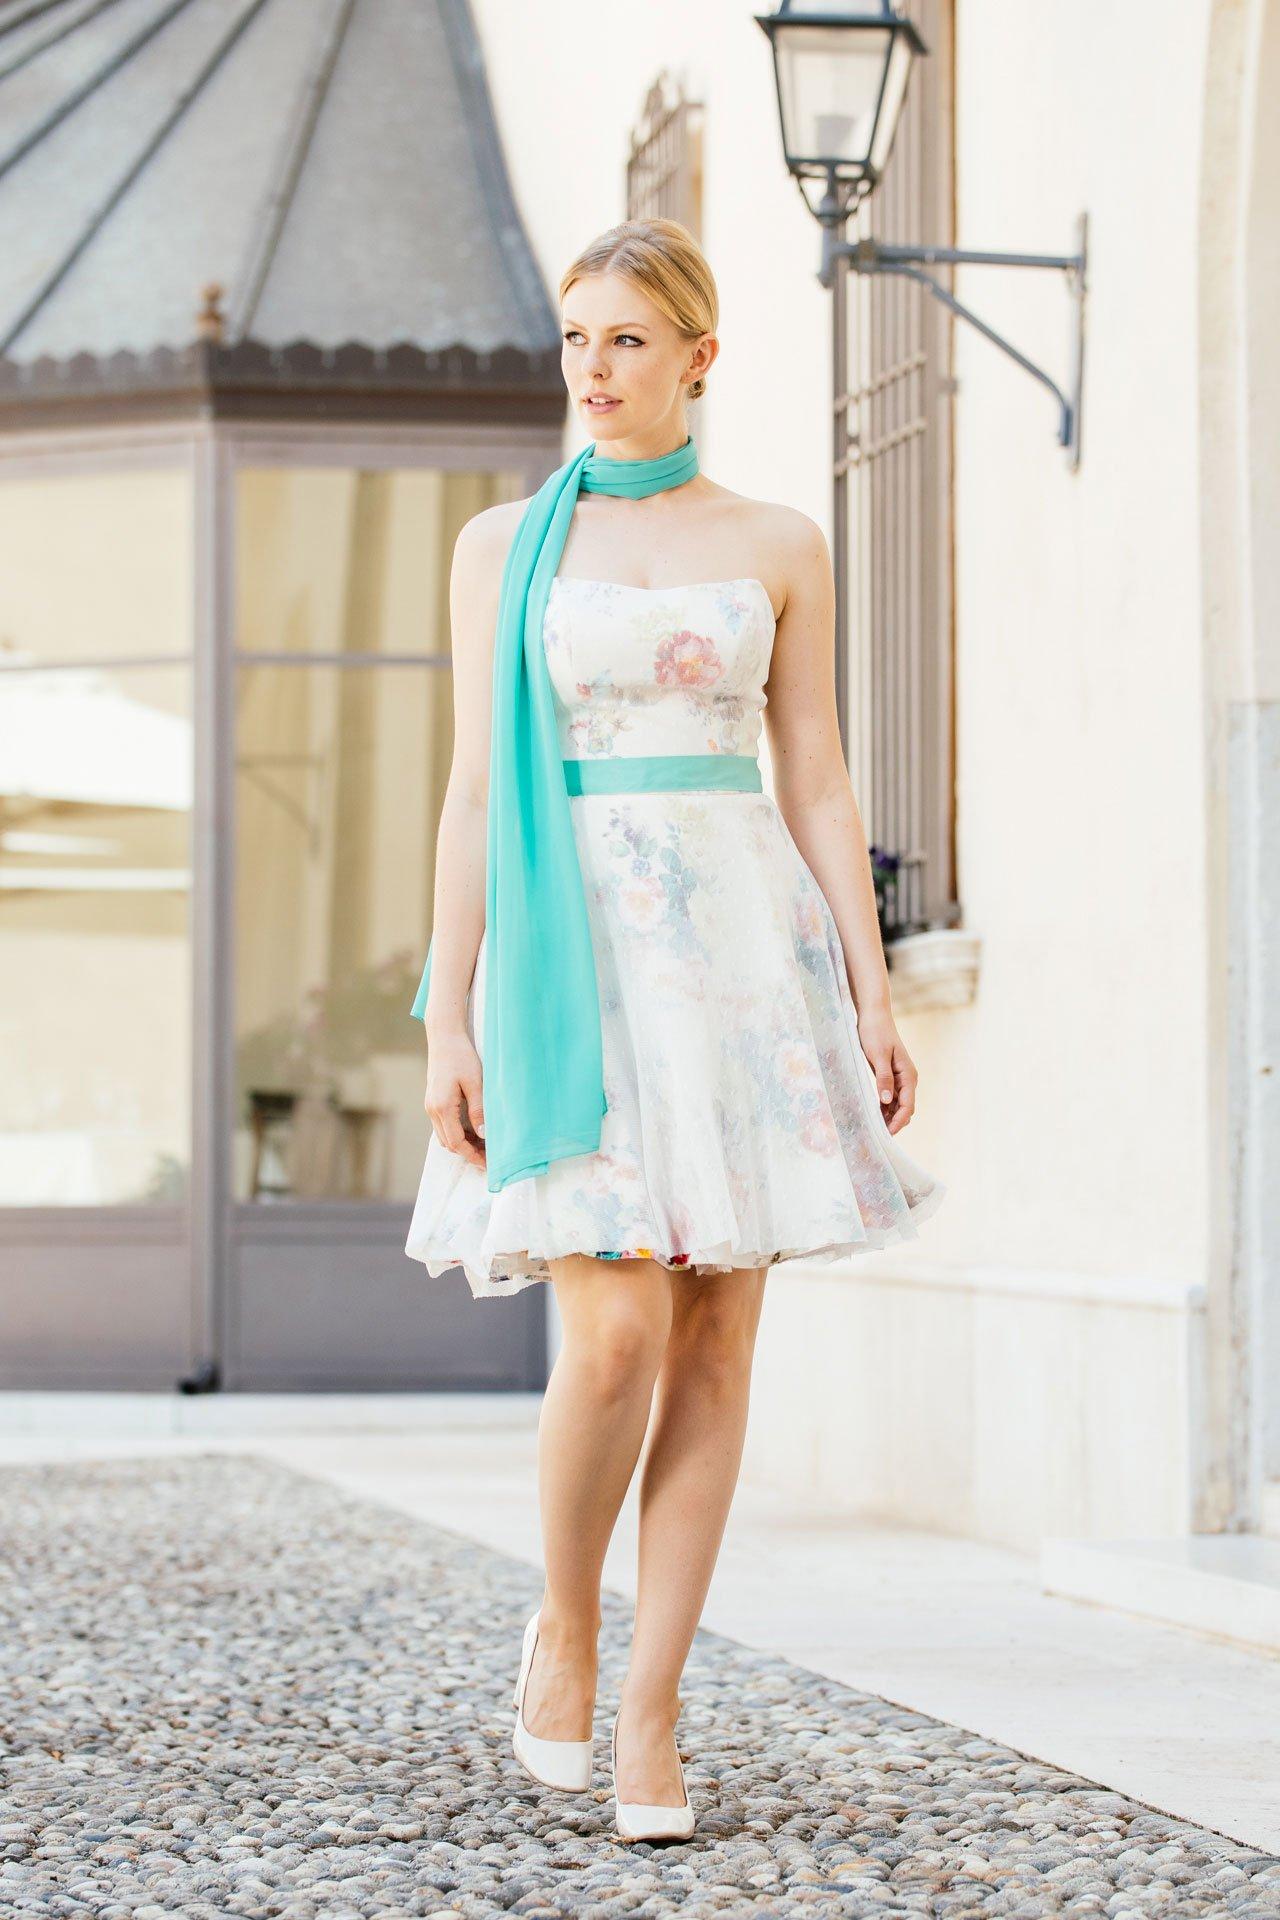 Brautkleid farbig mit wunderschönen Accessoires für Standesamt & Kirche